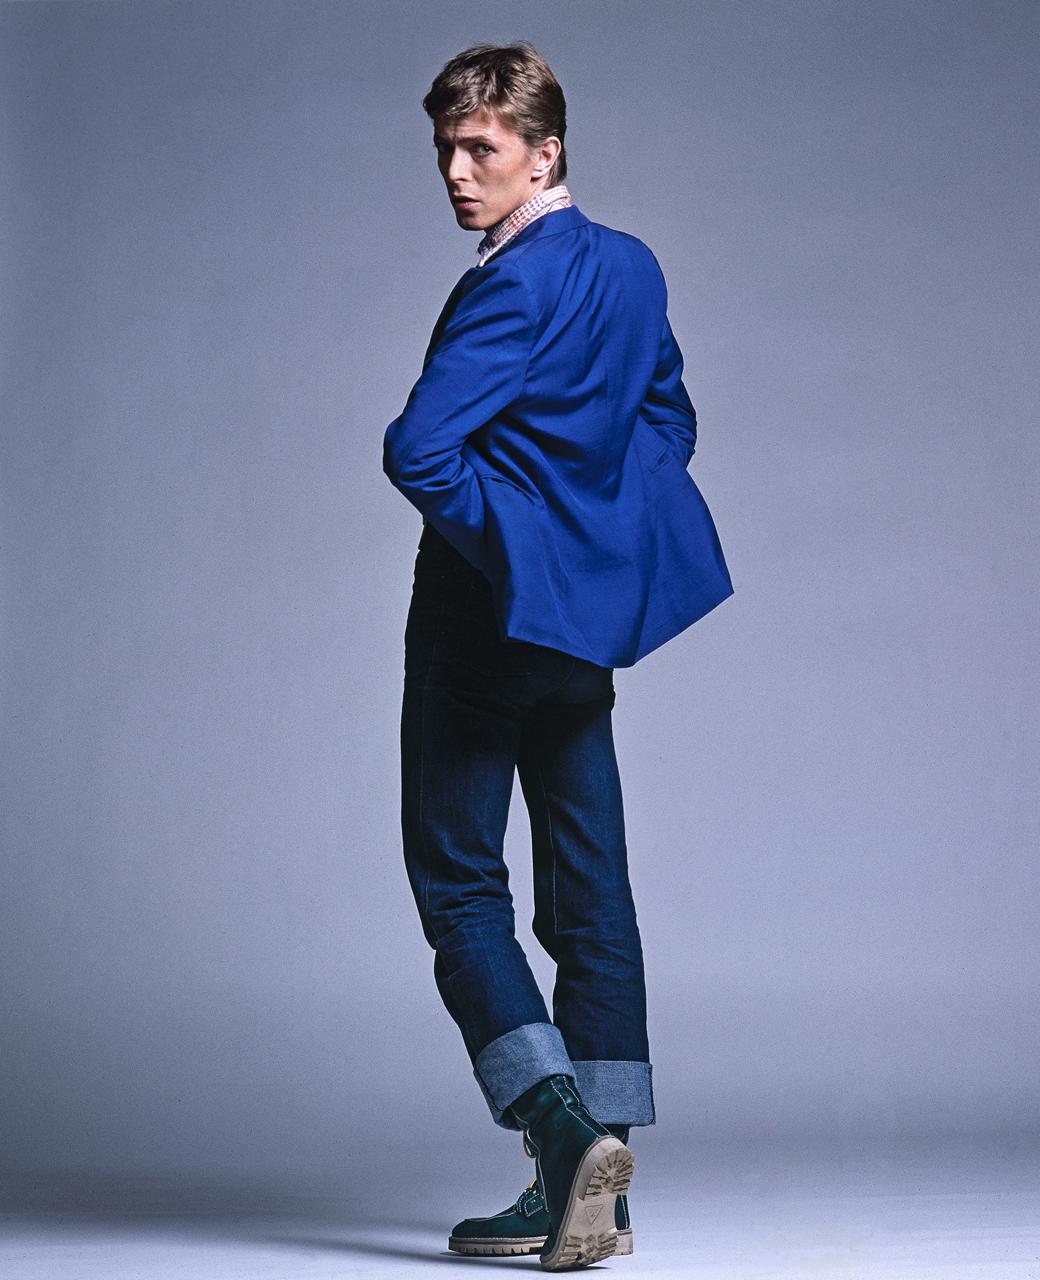 Bowie-back-view-Arrowsmith.©.jpg